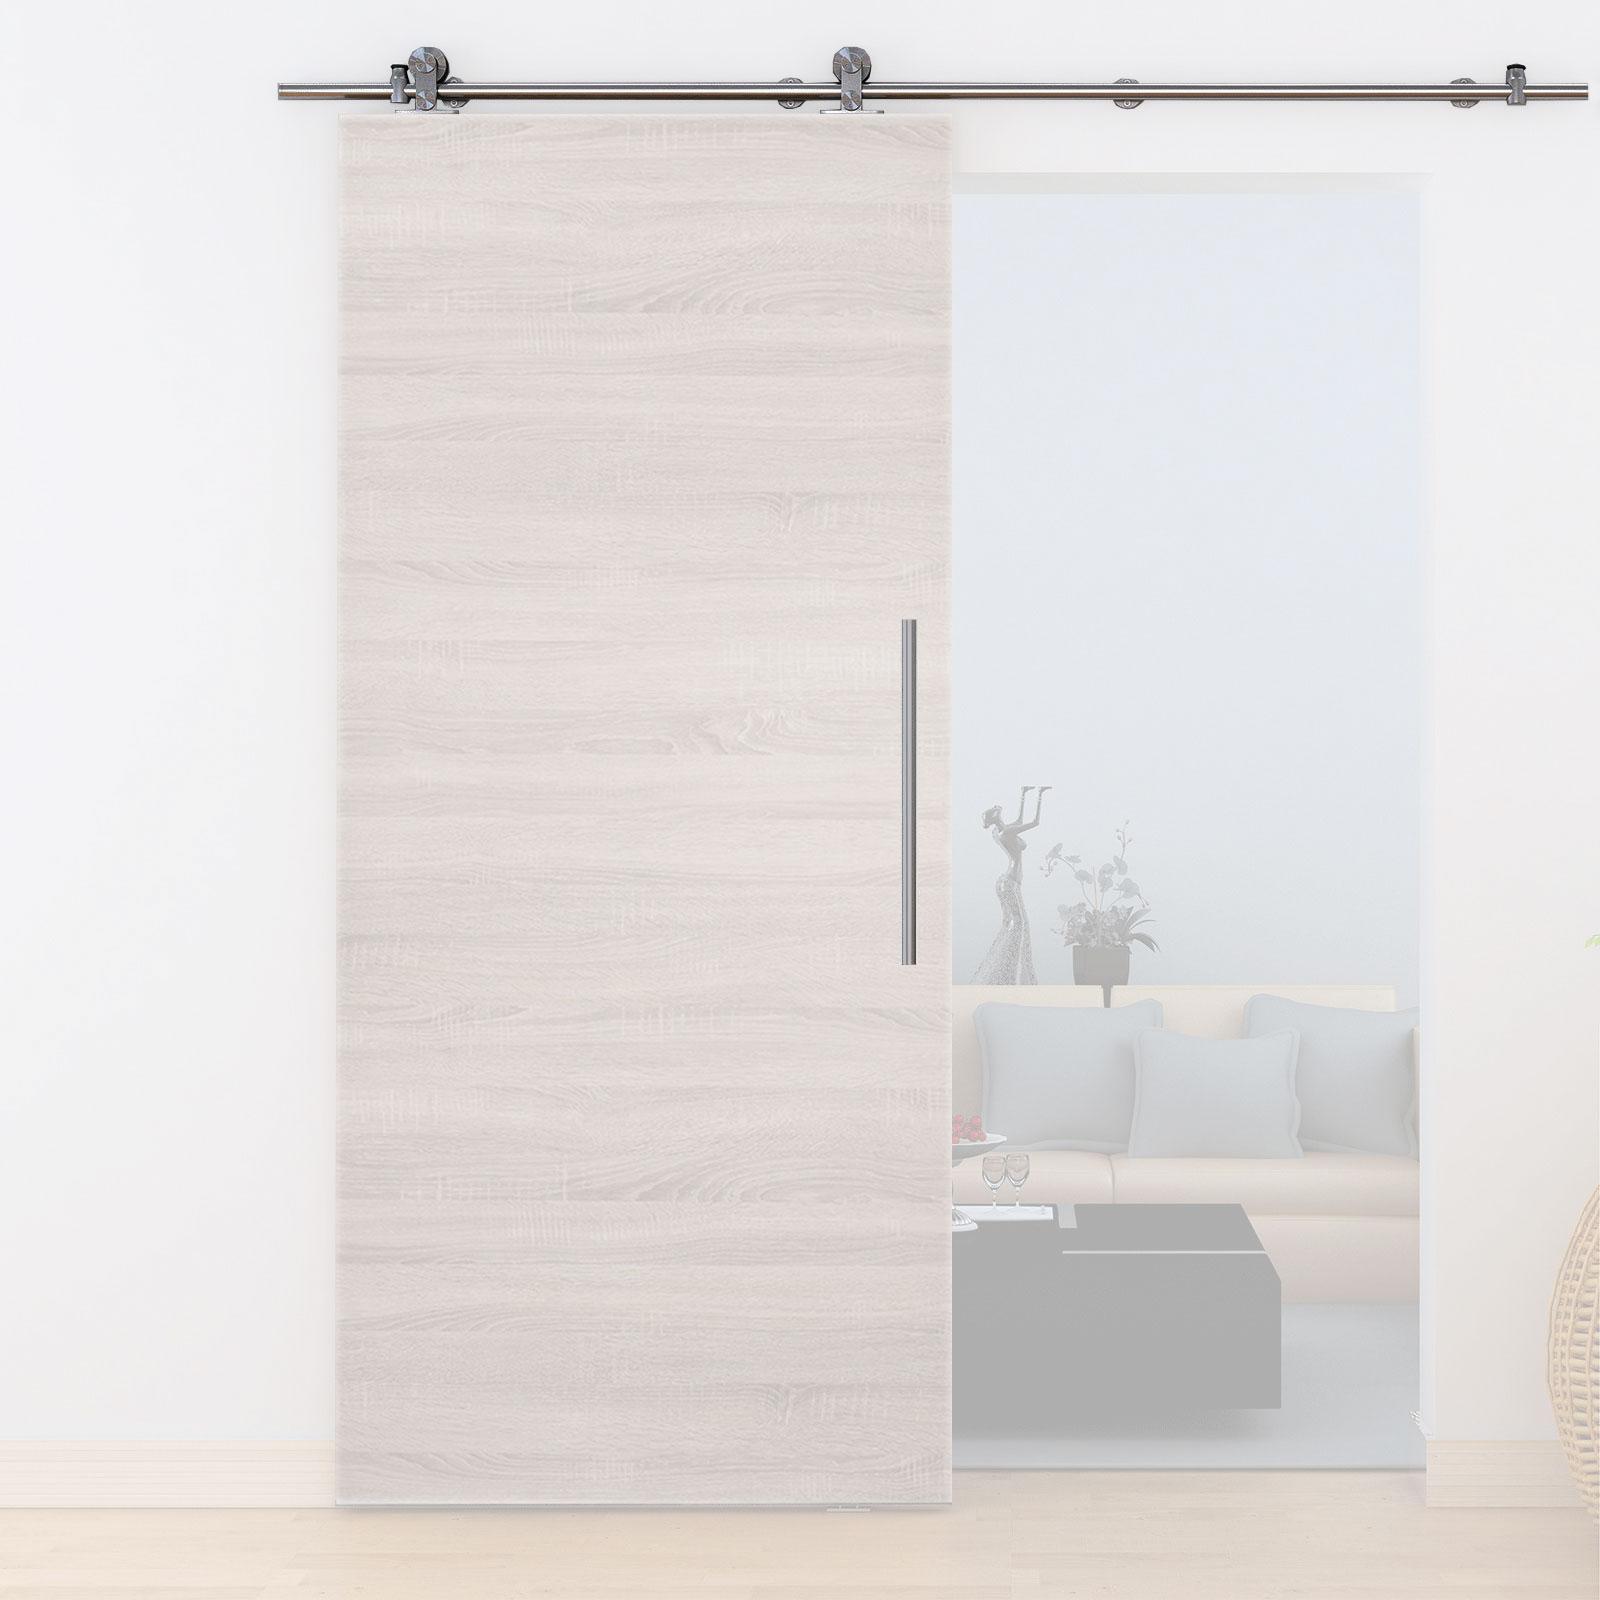 schiebetr stunning top wei hochglanz schiebetr tentfox unglaublich hochglanz wei schiebetren. Black Bedroom Furniture Sets. Home Design Ideas